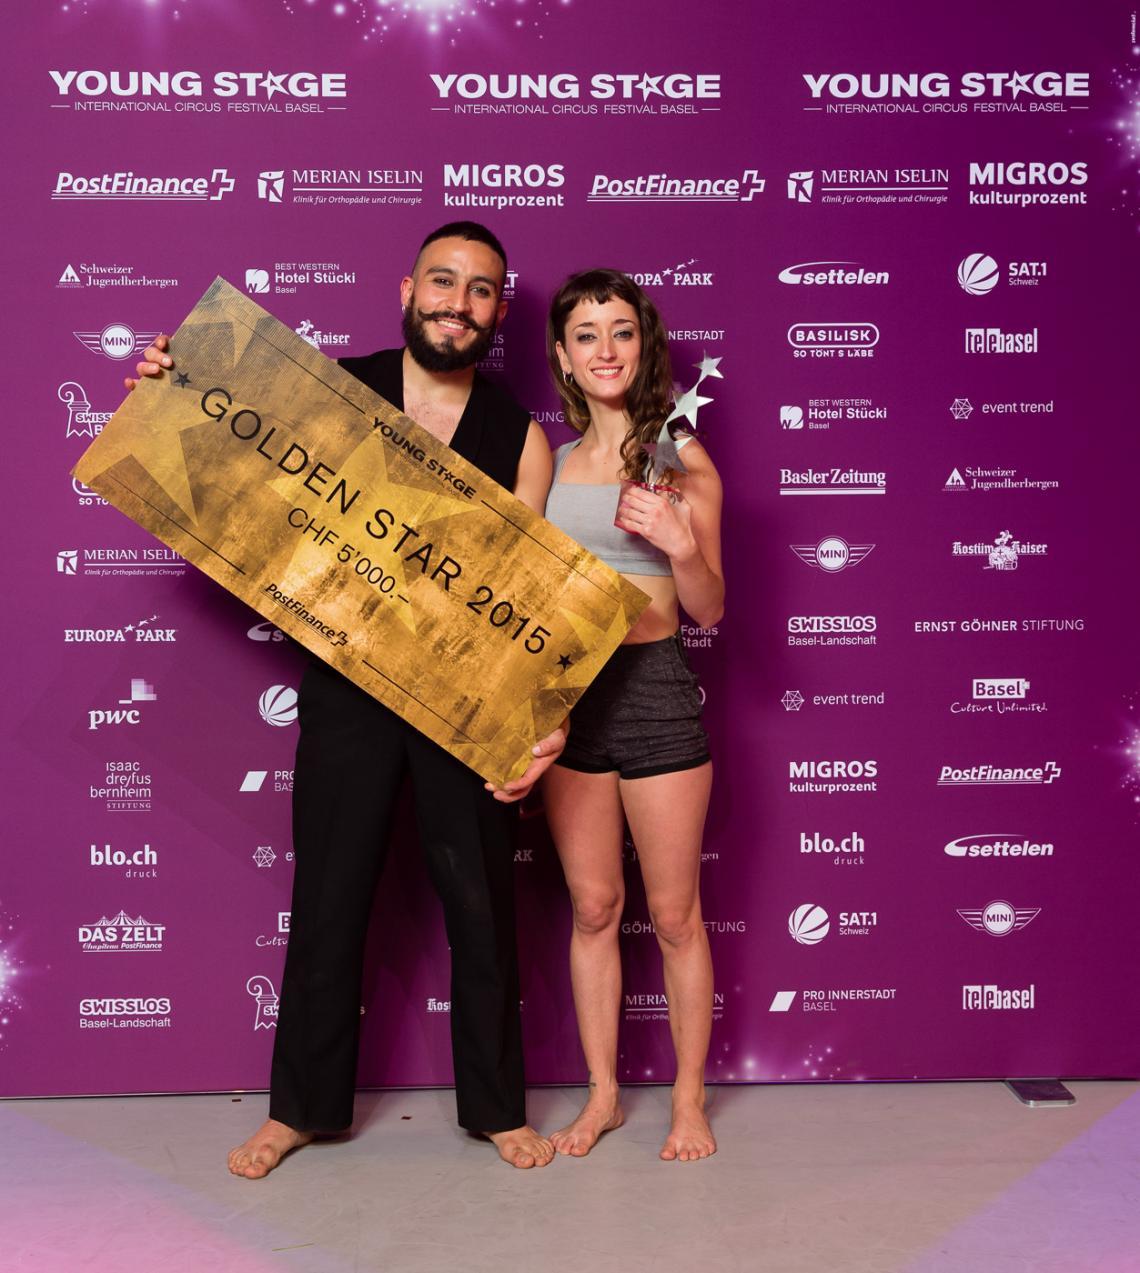 YOUNG STAGE 2015 - Die Gewinner